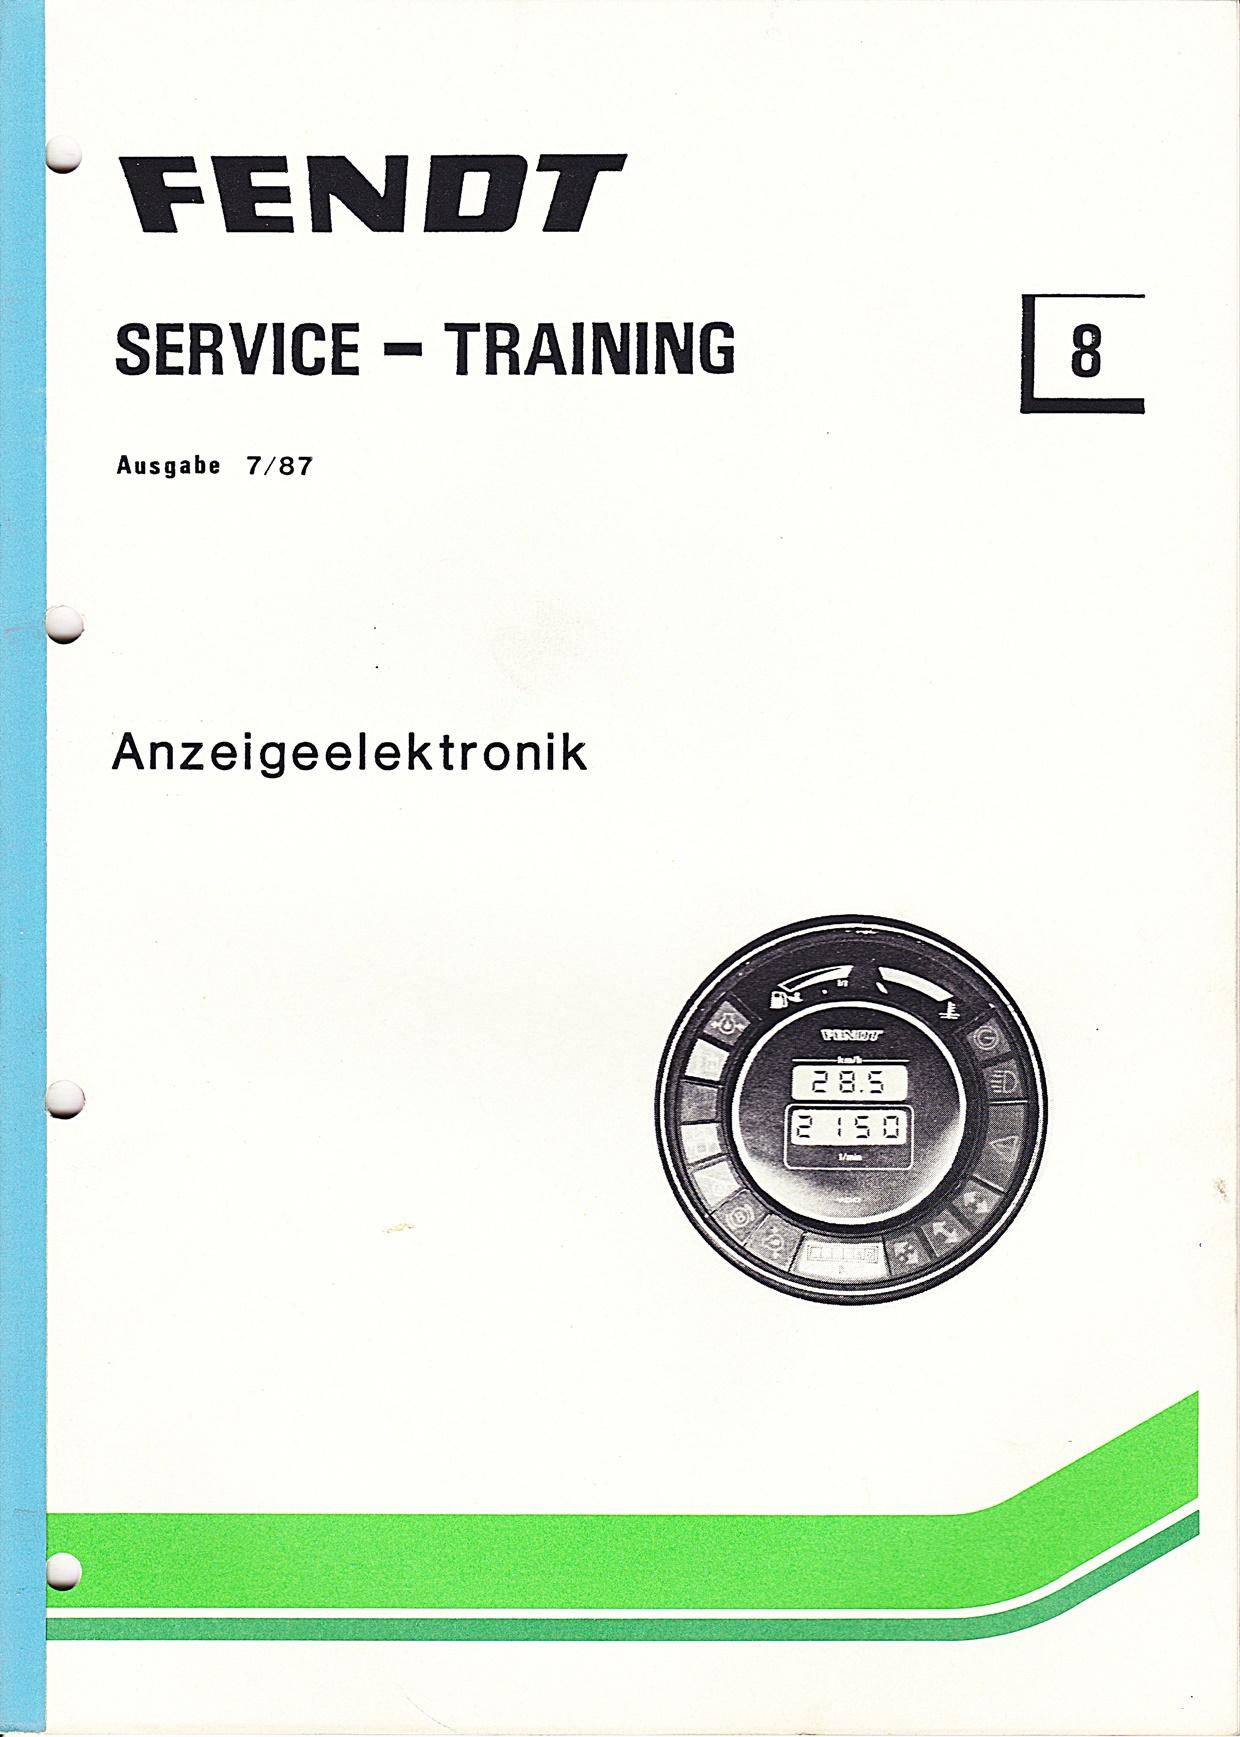 Fendt Service - Training Nr.8, Anzeigeelektronik